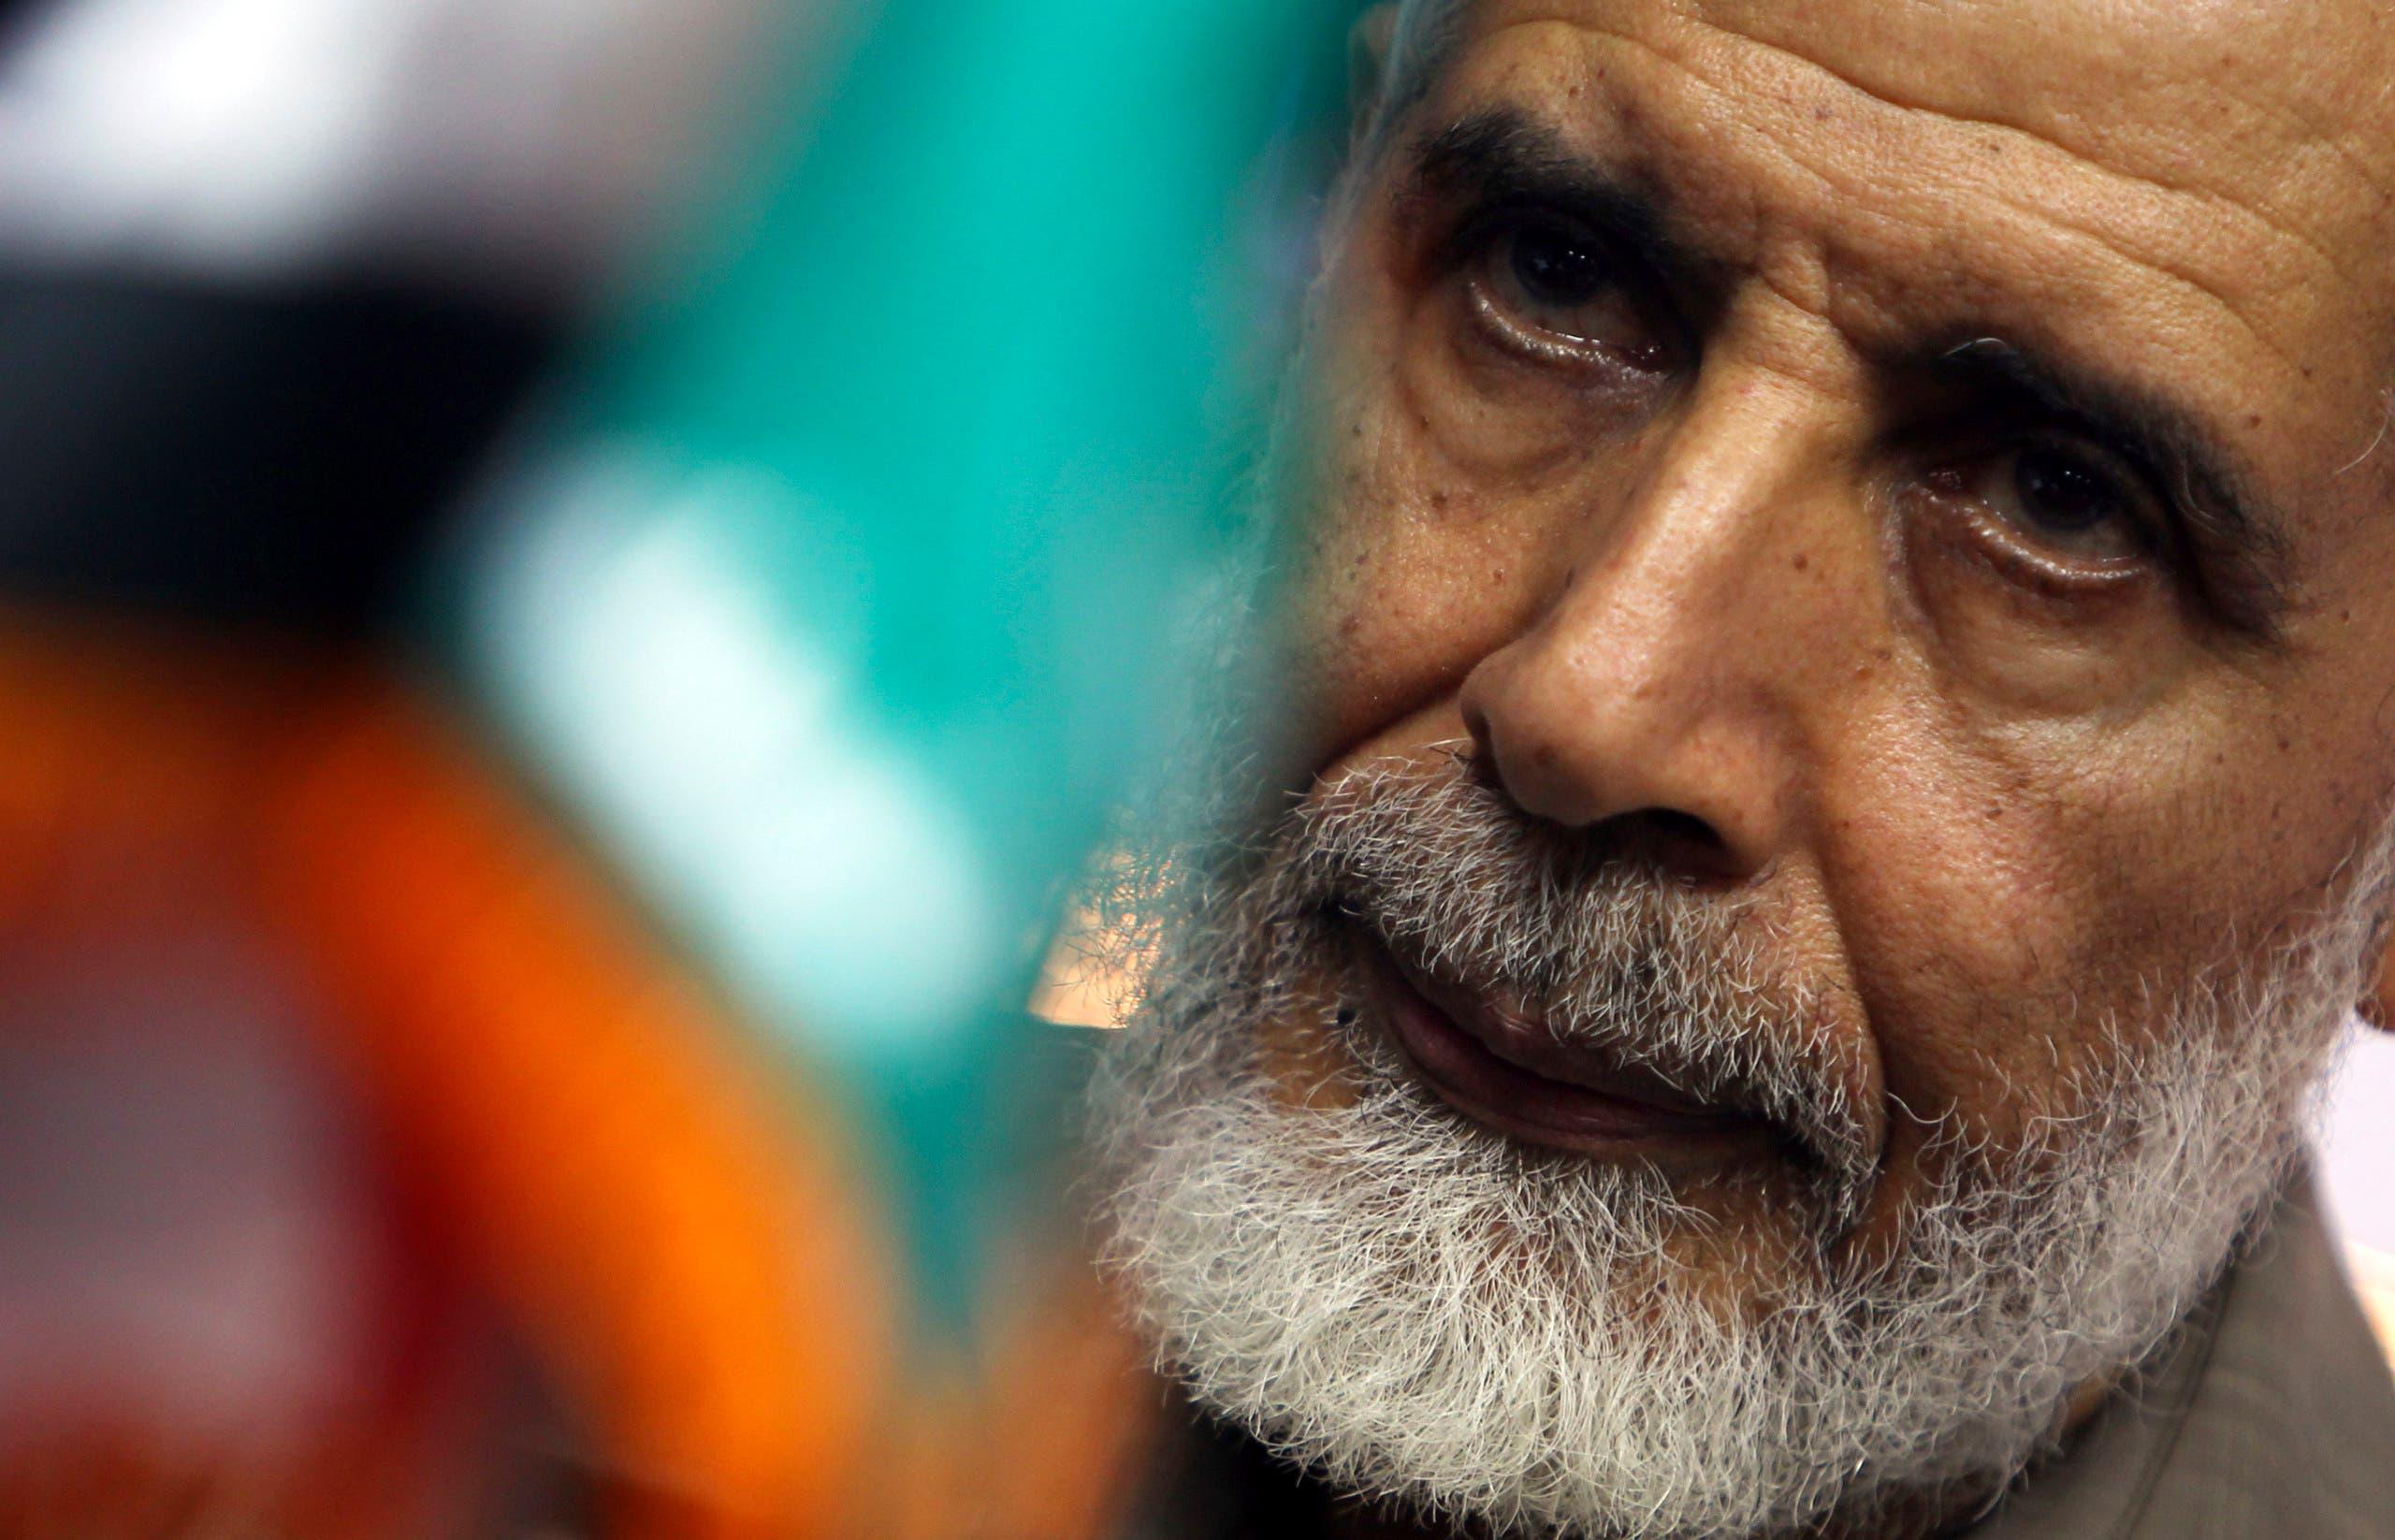 محمود عزت.. الكنز الذي يكشف الأسرار عن الجماعة المحظورة